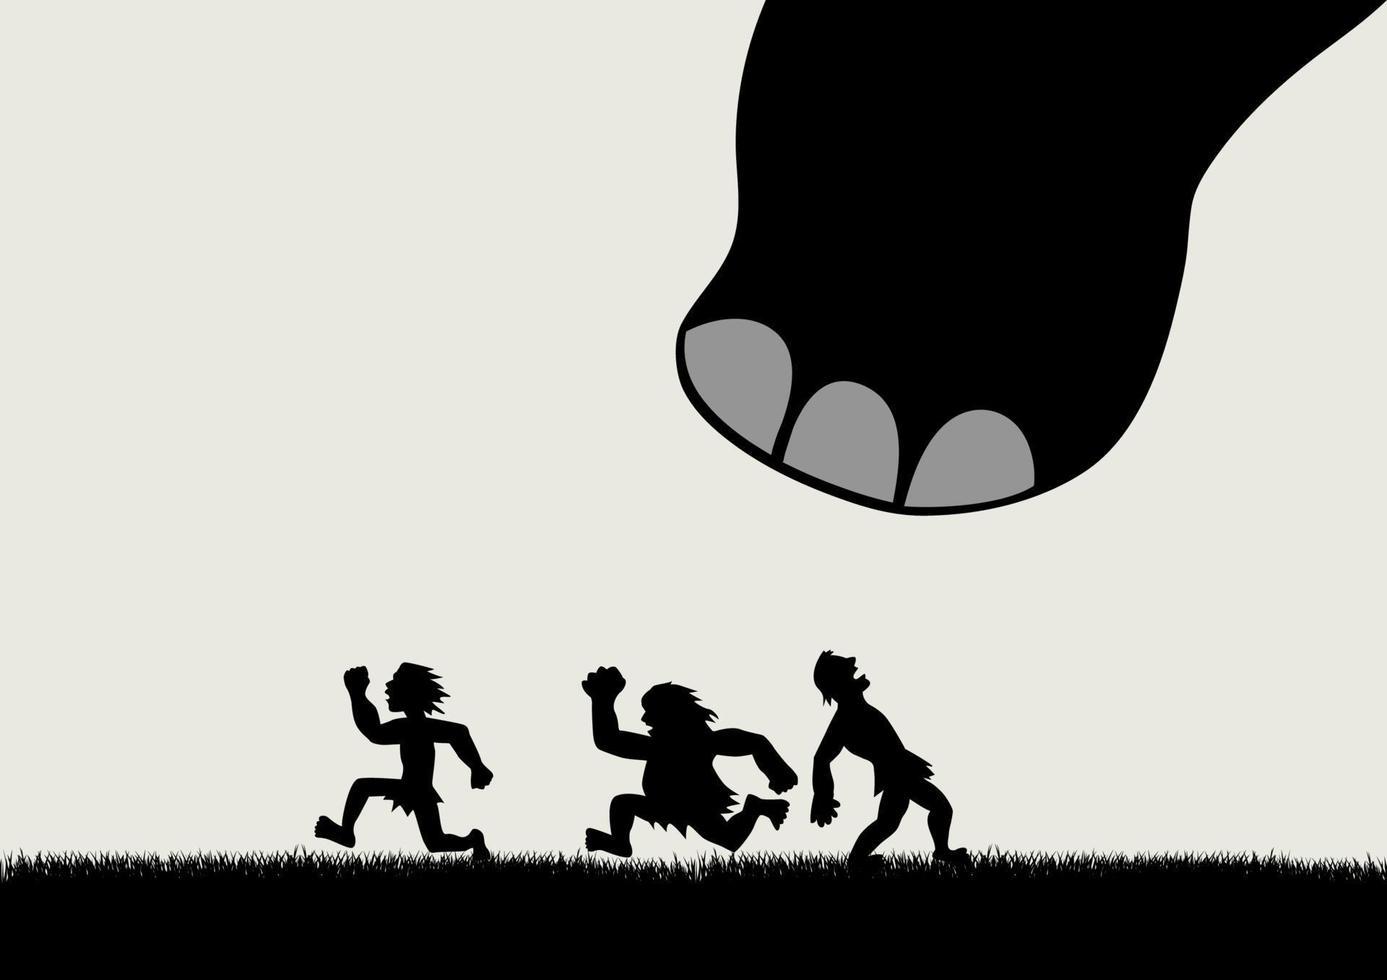 desenho engraçado de homens fugindo do pânico de um dinossauro gigante vetor